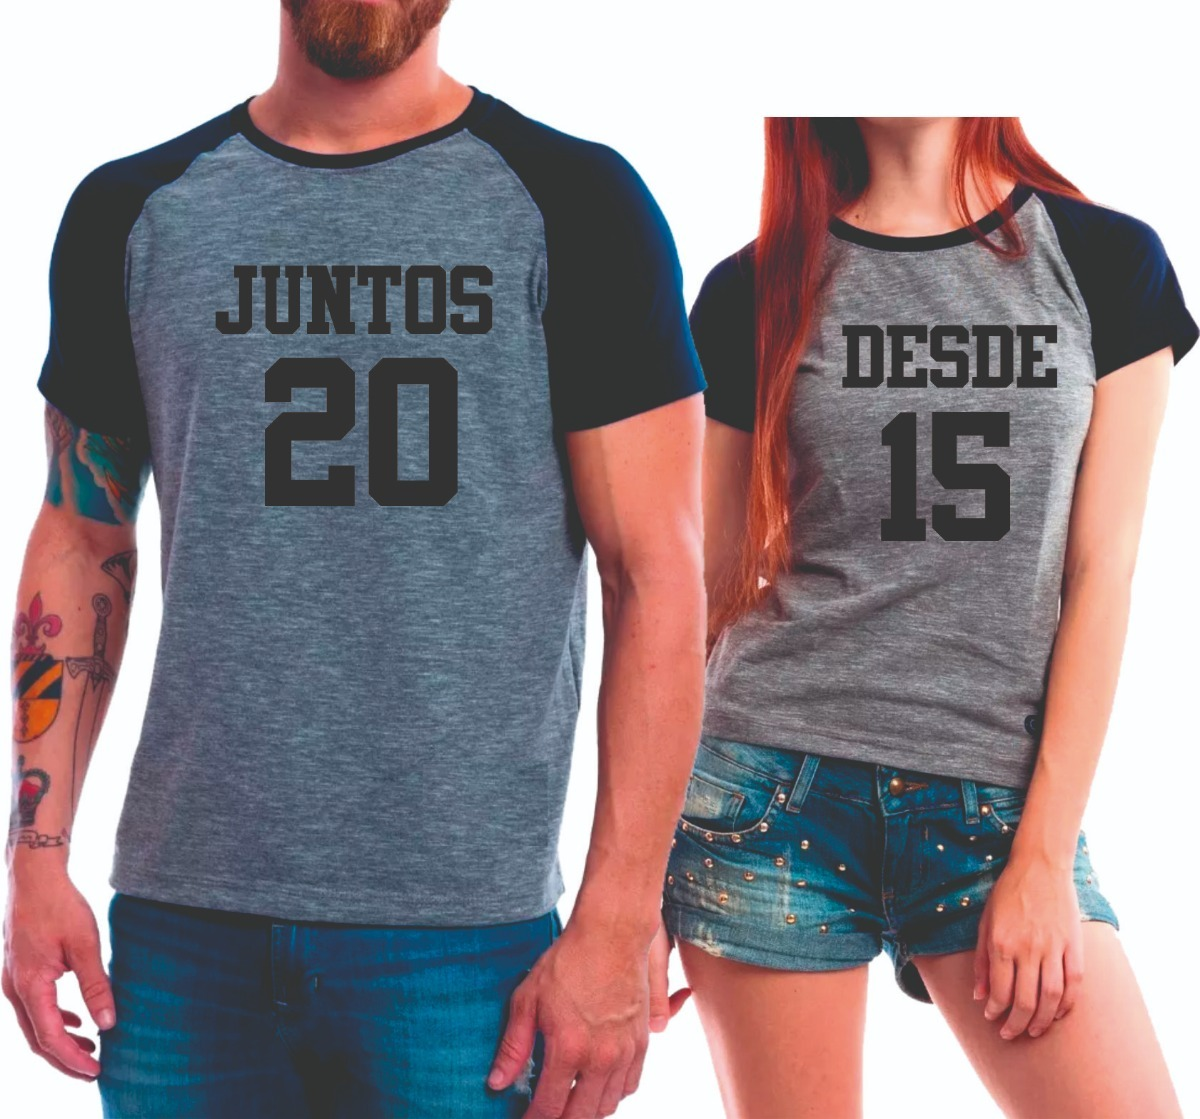 087a74707 camisetas dia dos namorados juntos desde (seu ano) promoção. Carregando  zoom.